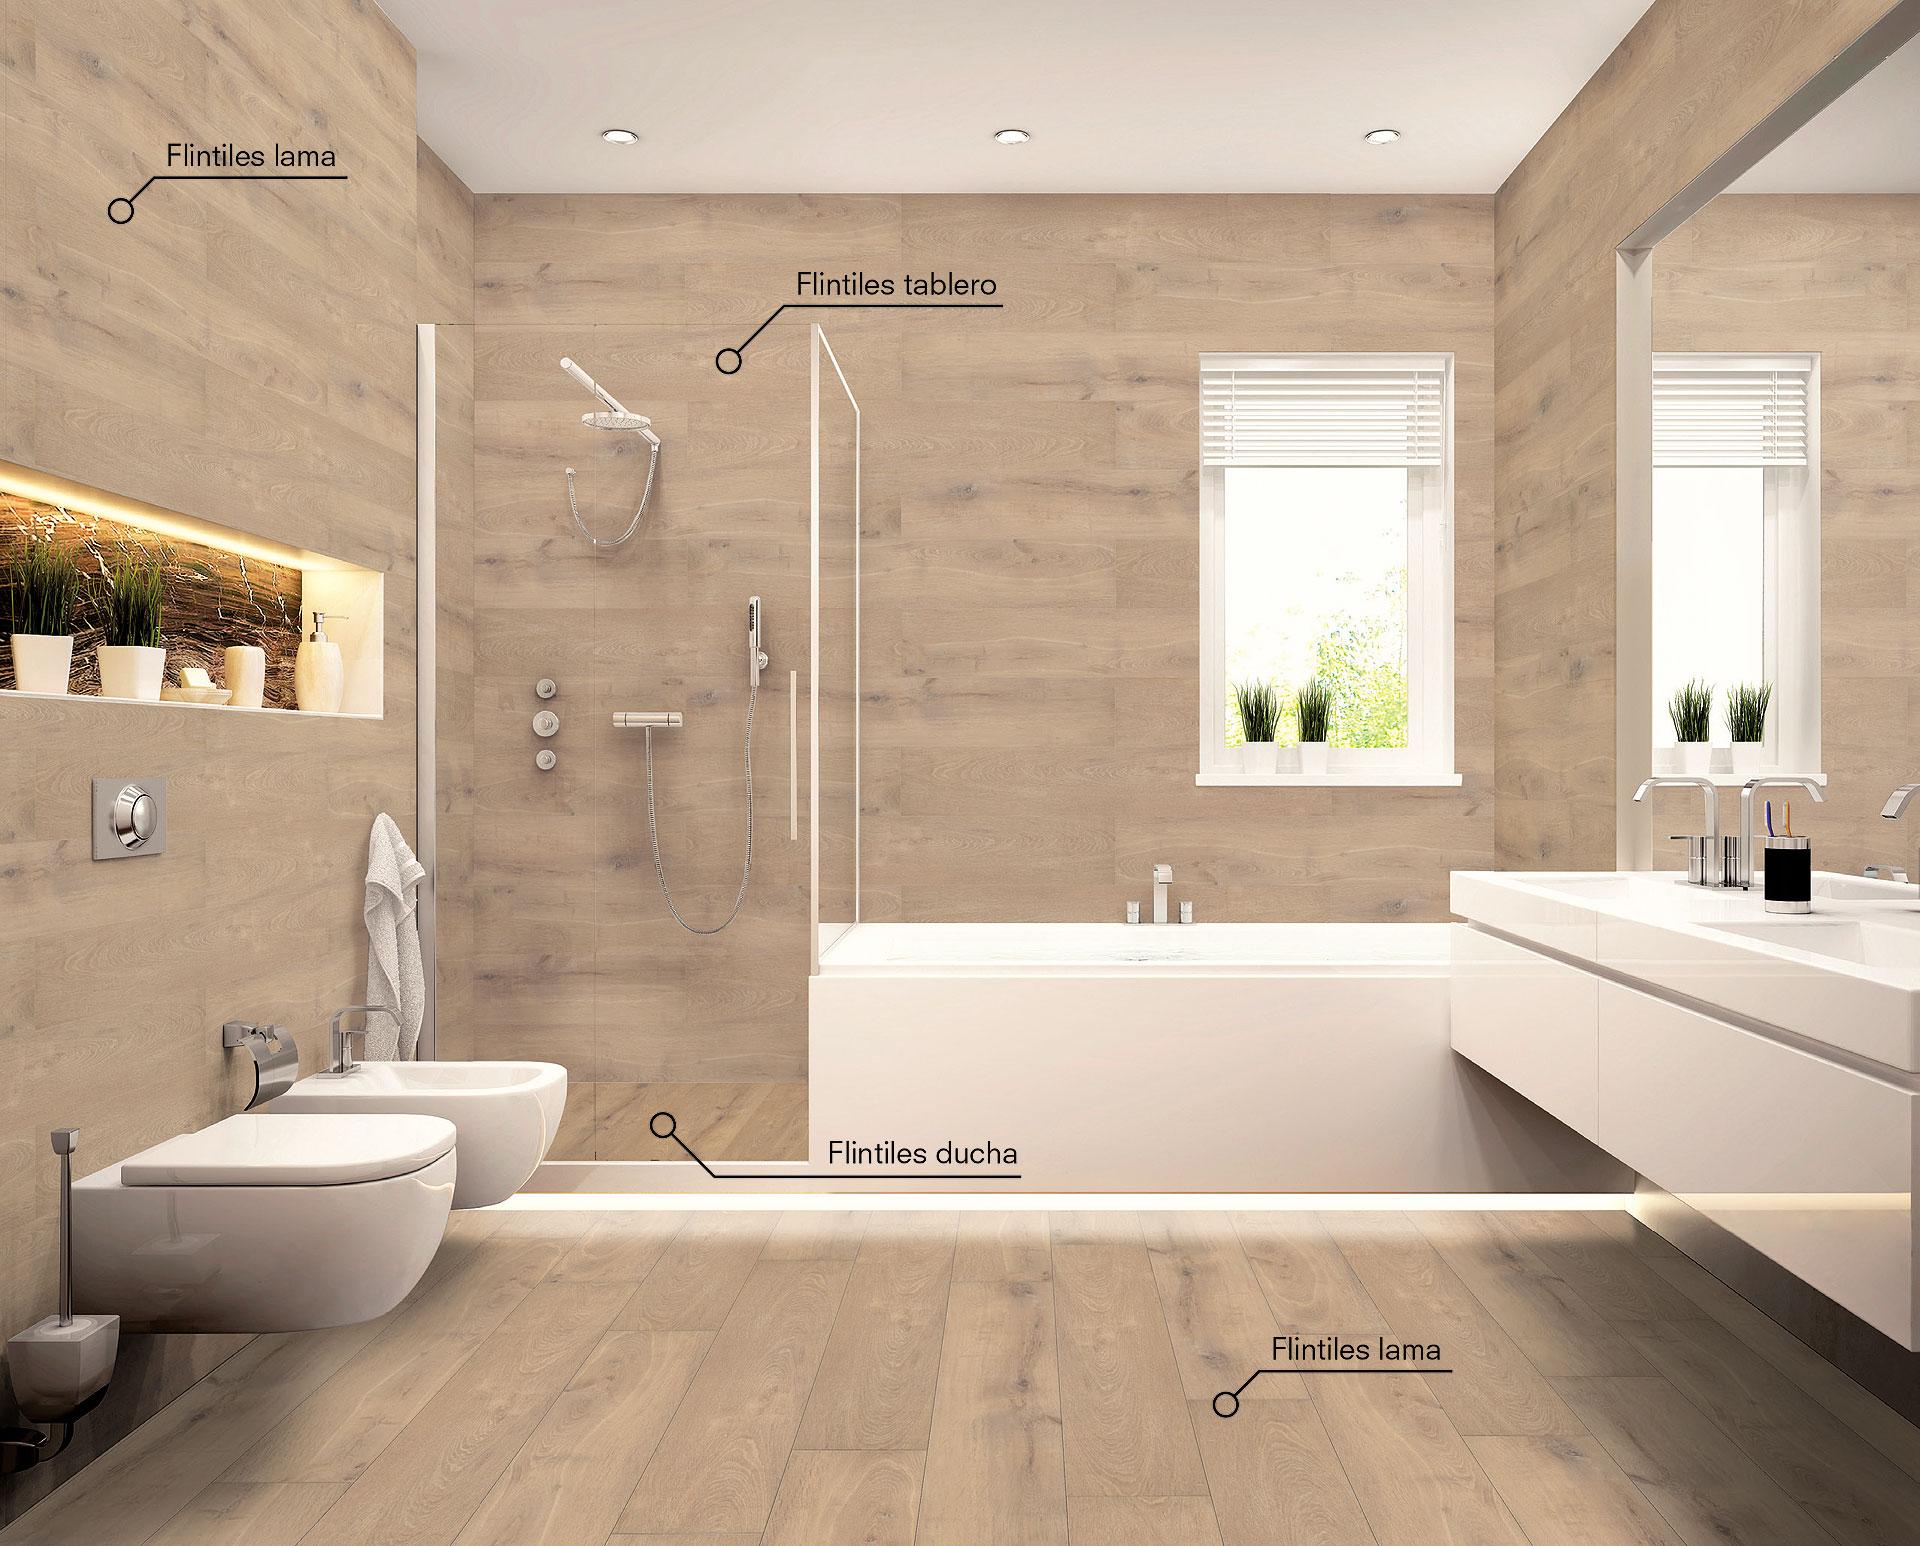 Como renovar suelos paredes y platos de ducha sin obras for Plato de ducha flexible